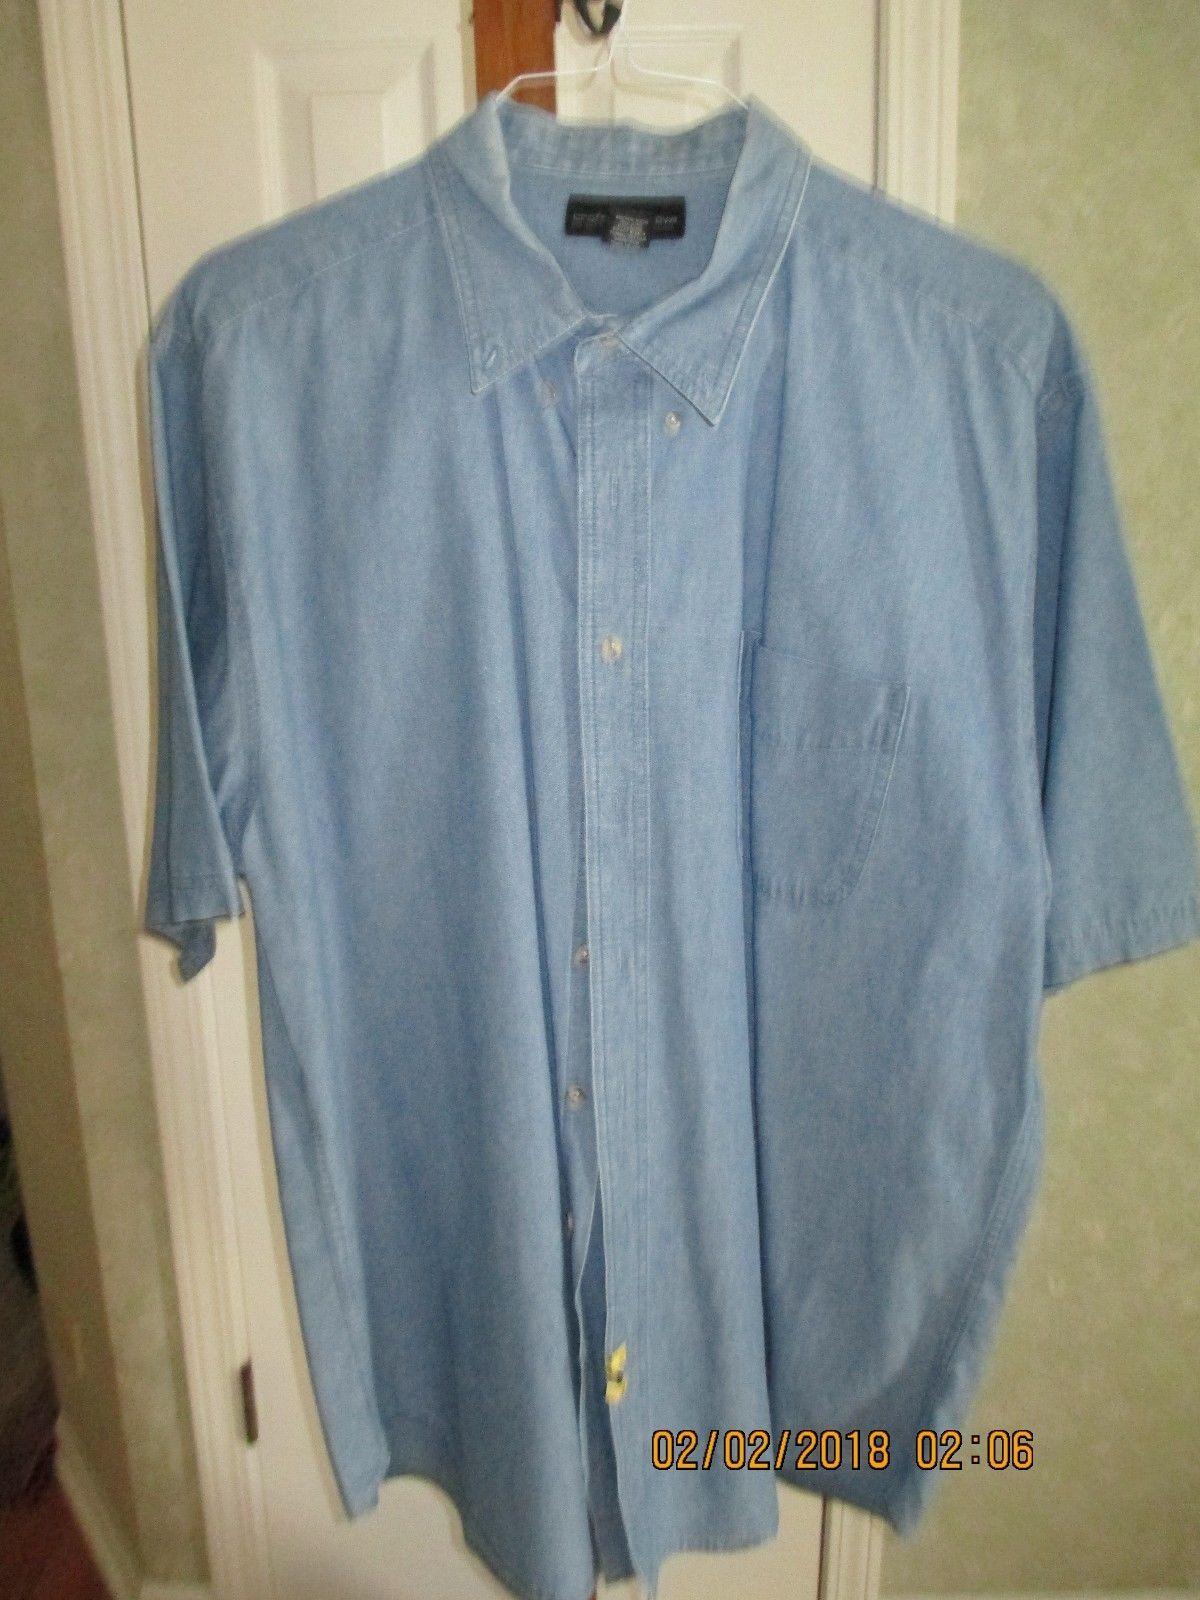 52f37798ece Croft and Barrow Denim Shirt Men shirt - XLT and 50 similar items. S l1600